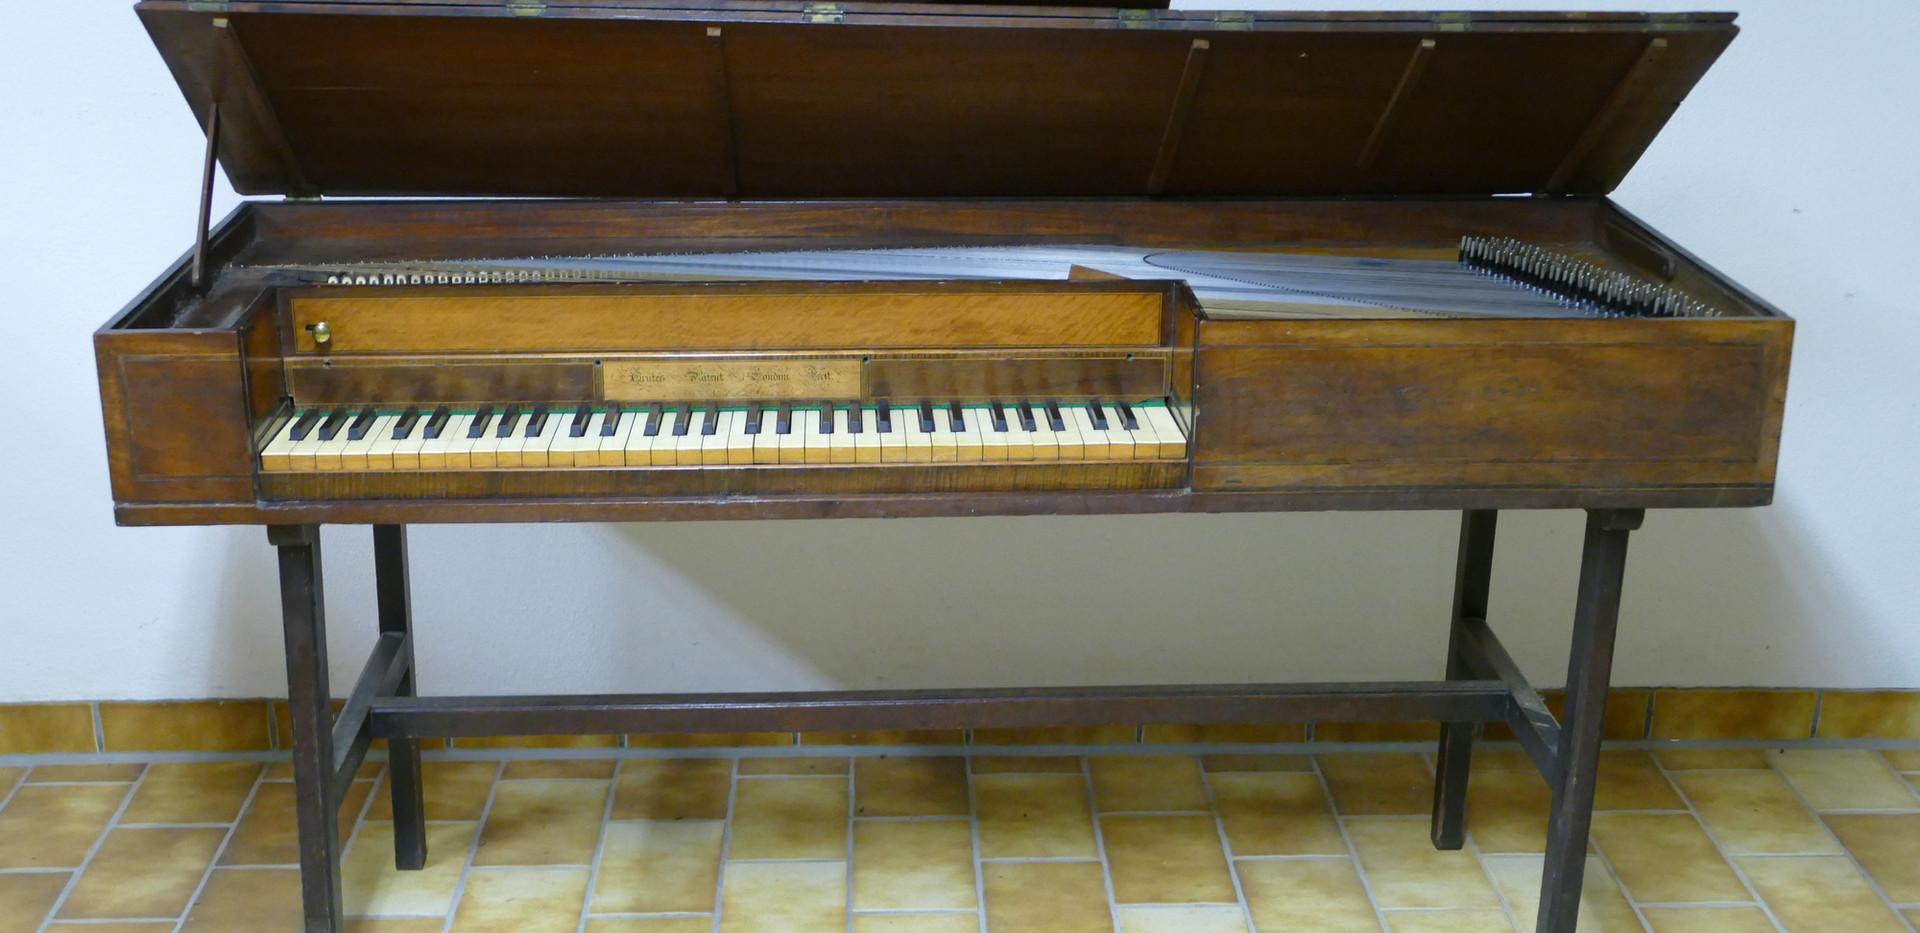 Trute Tangent Square Piano Radbon Collec